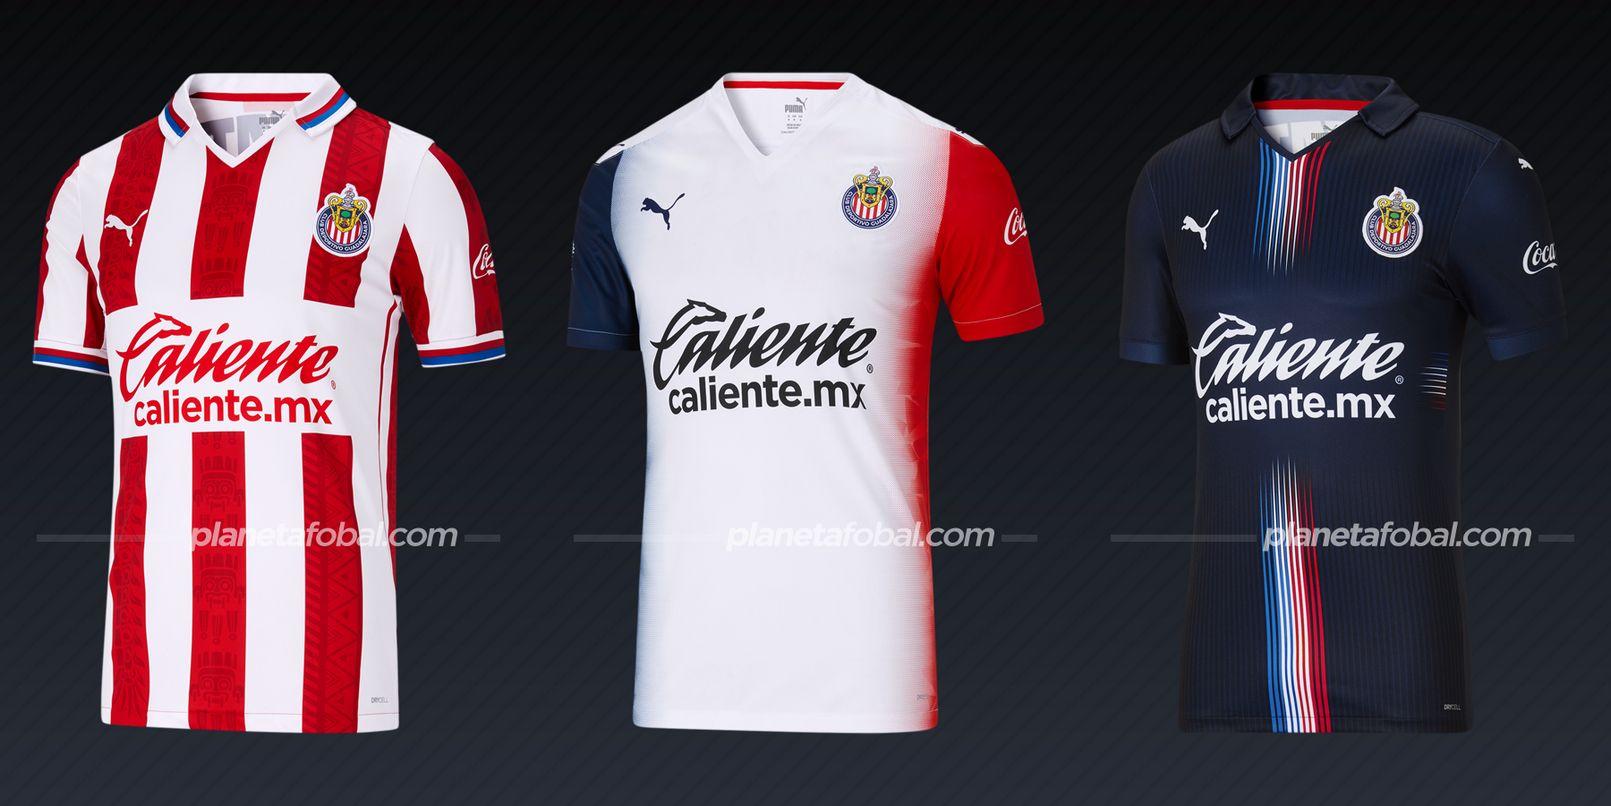 Chivas de Guadalajara (Puma) | Camisetas de la Liga MX 2020/2021